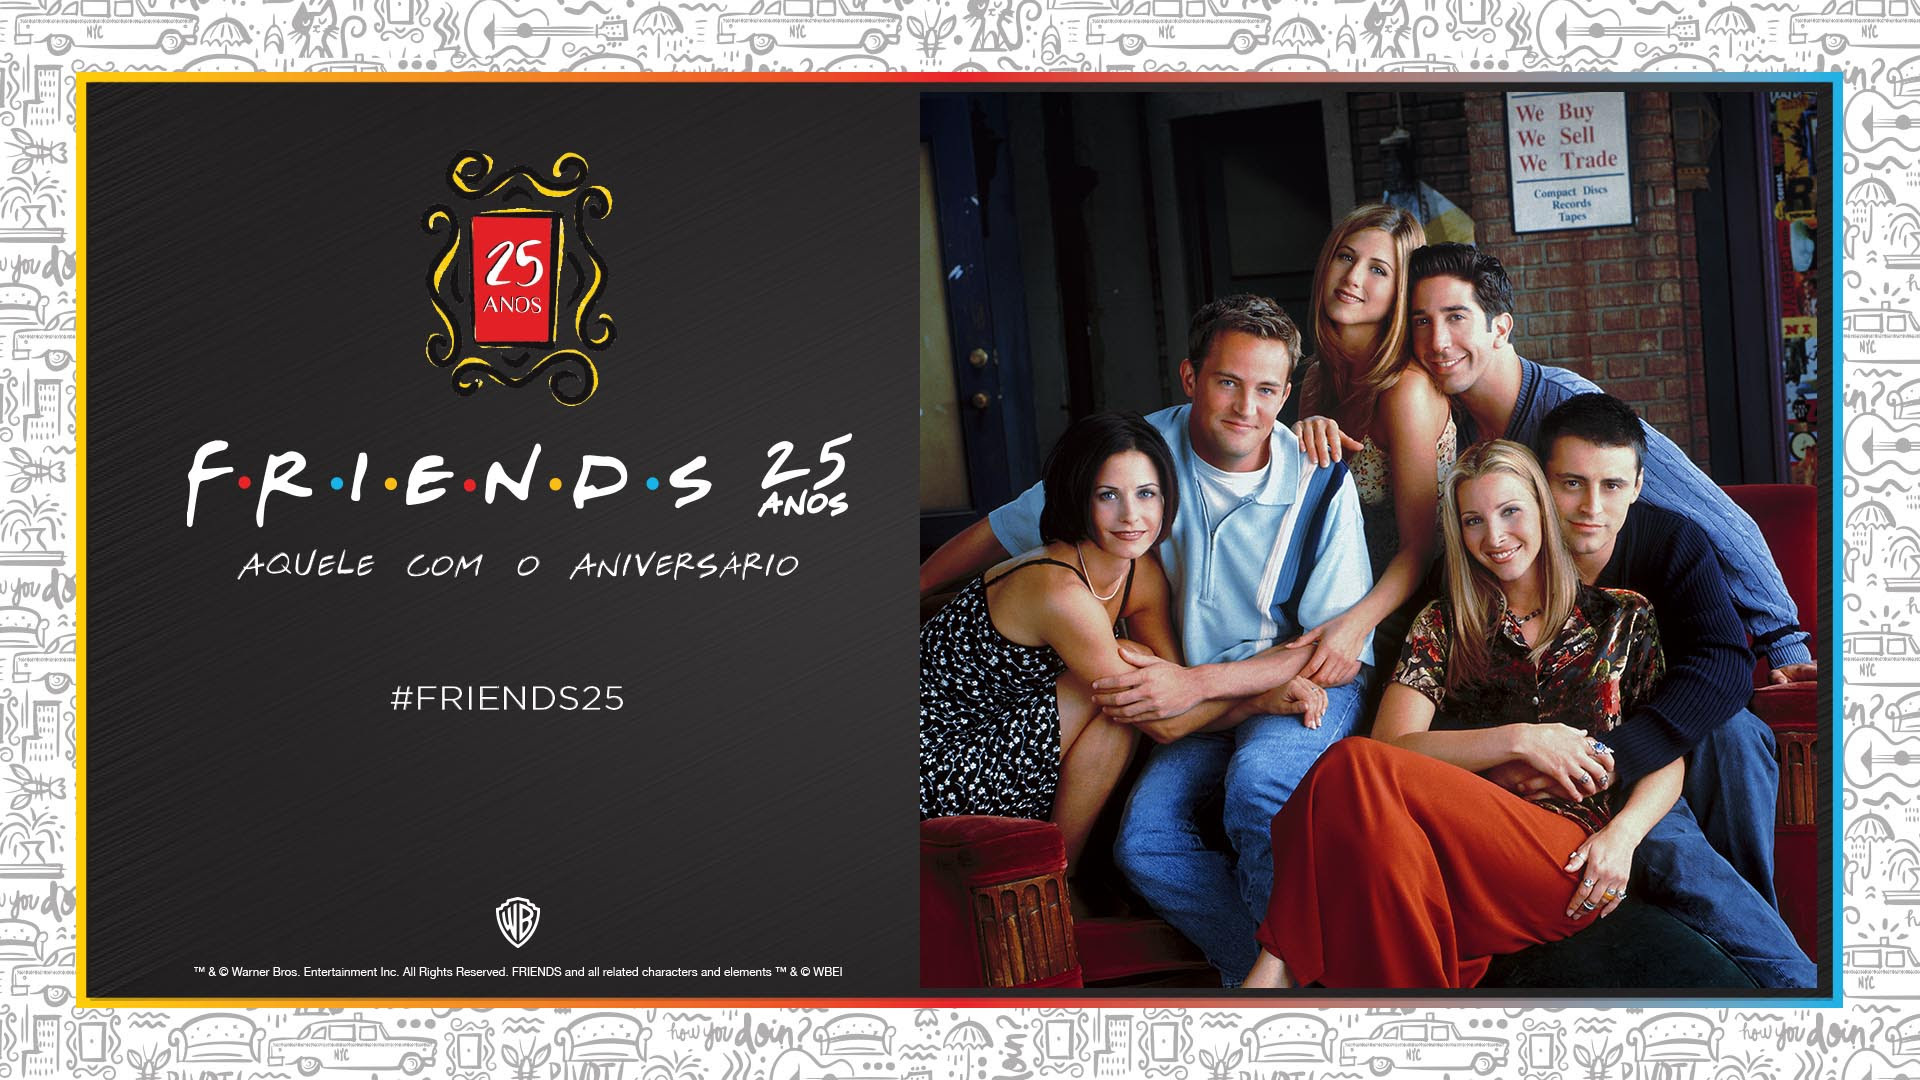 Friends 25 anos | Episódios da série passará nos cinemas brasileiros